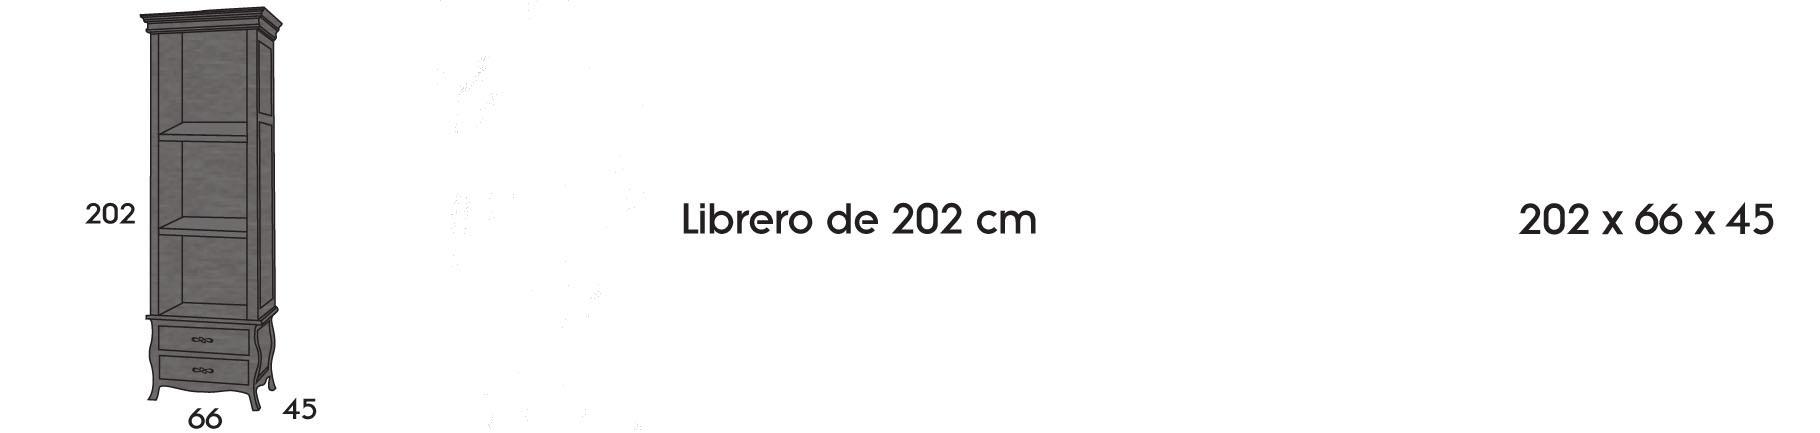 Librero 202